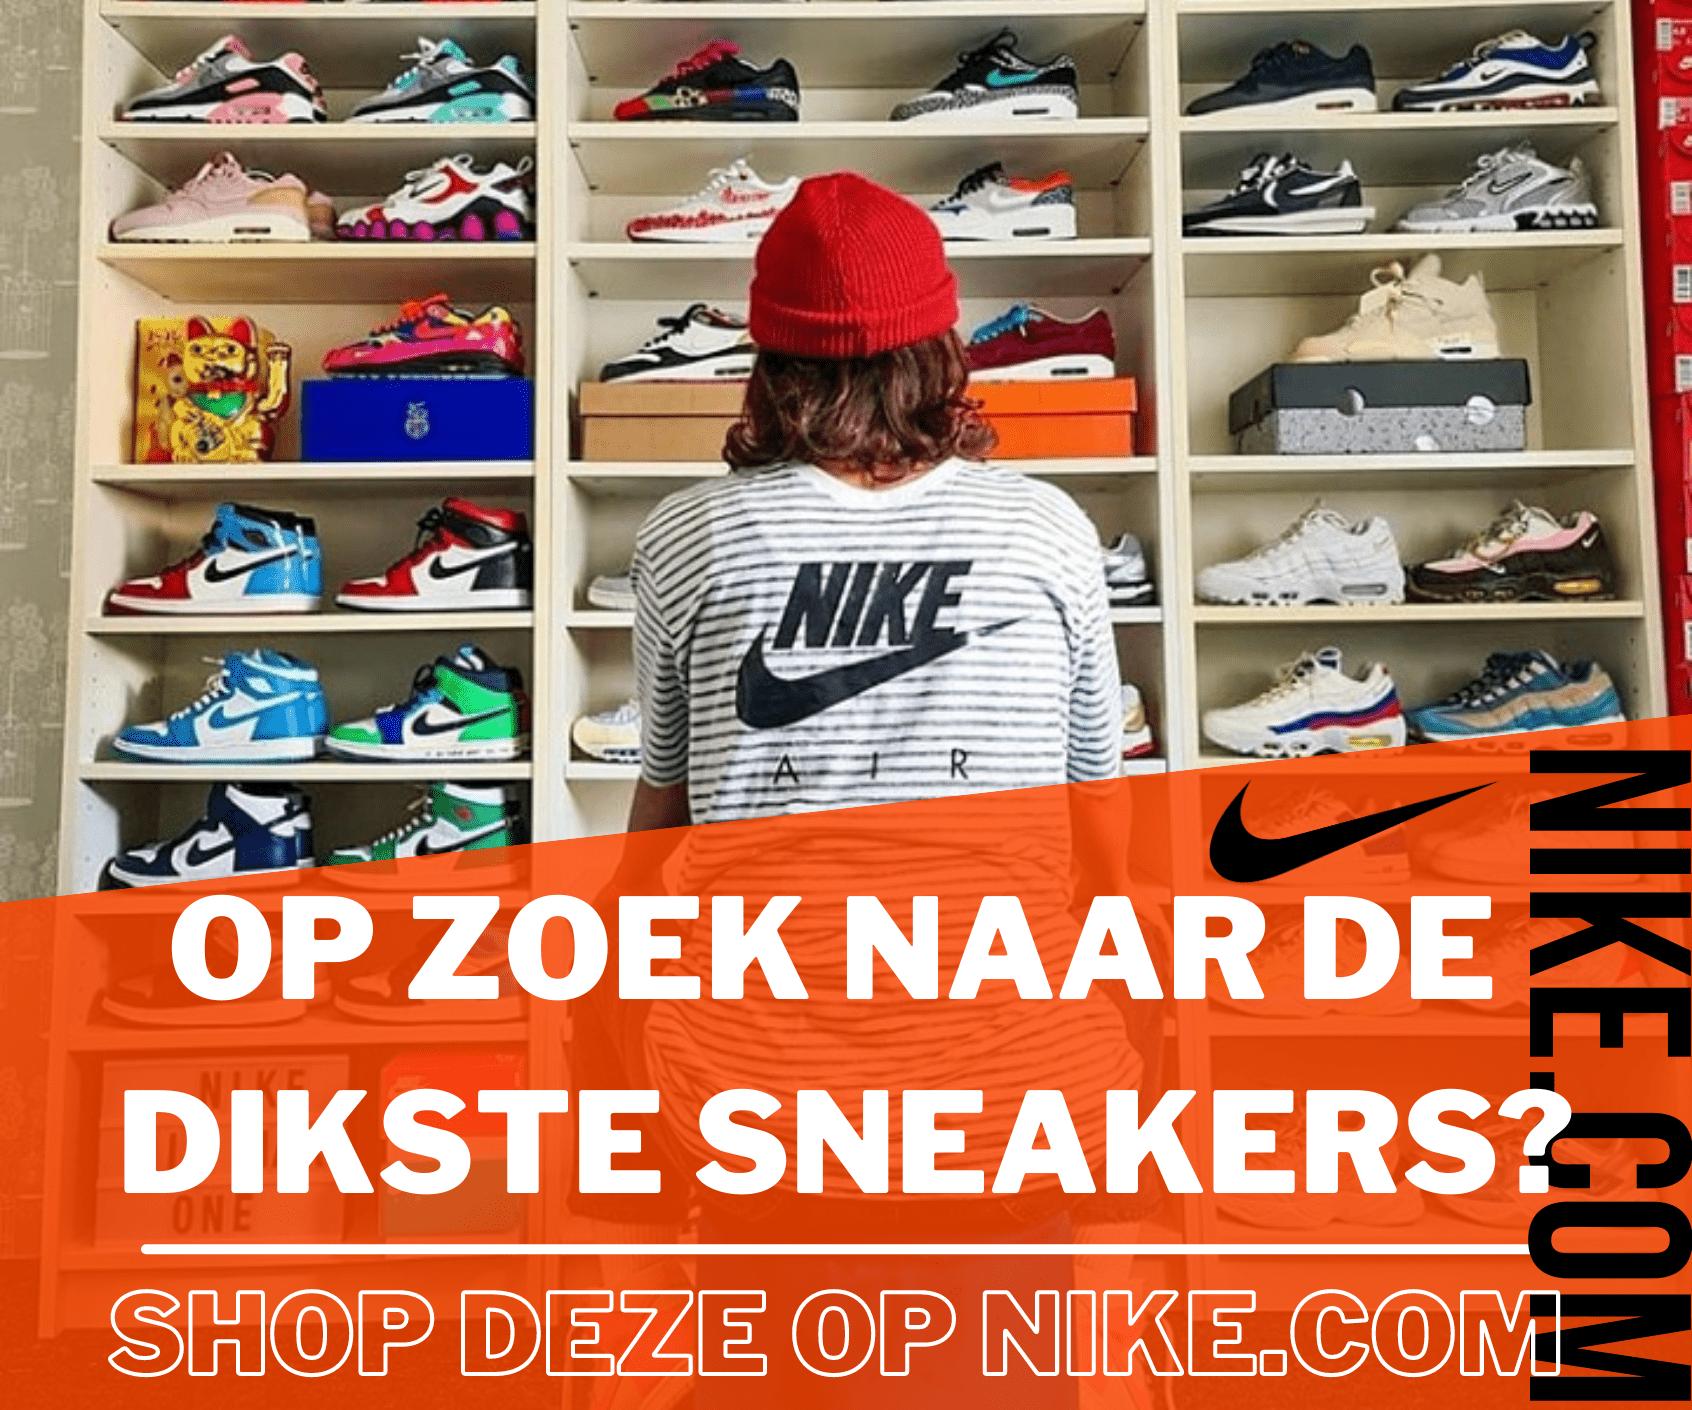 Op zoek naar de dikste sneakers?